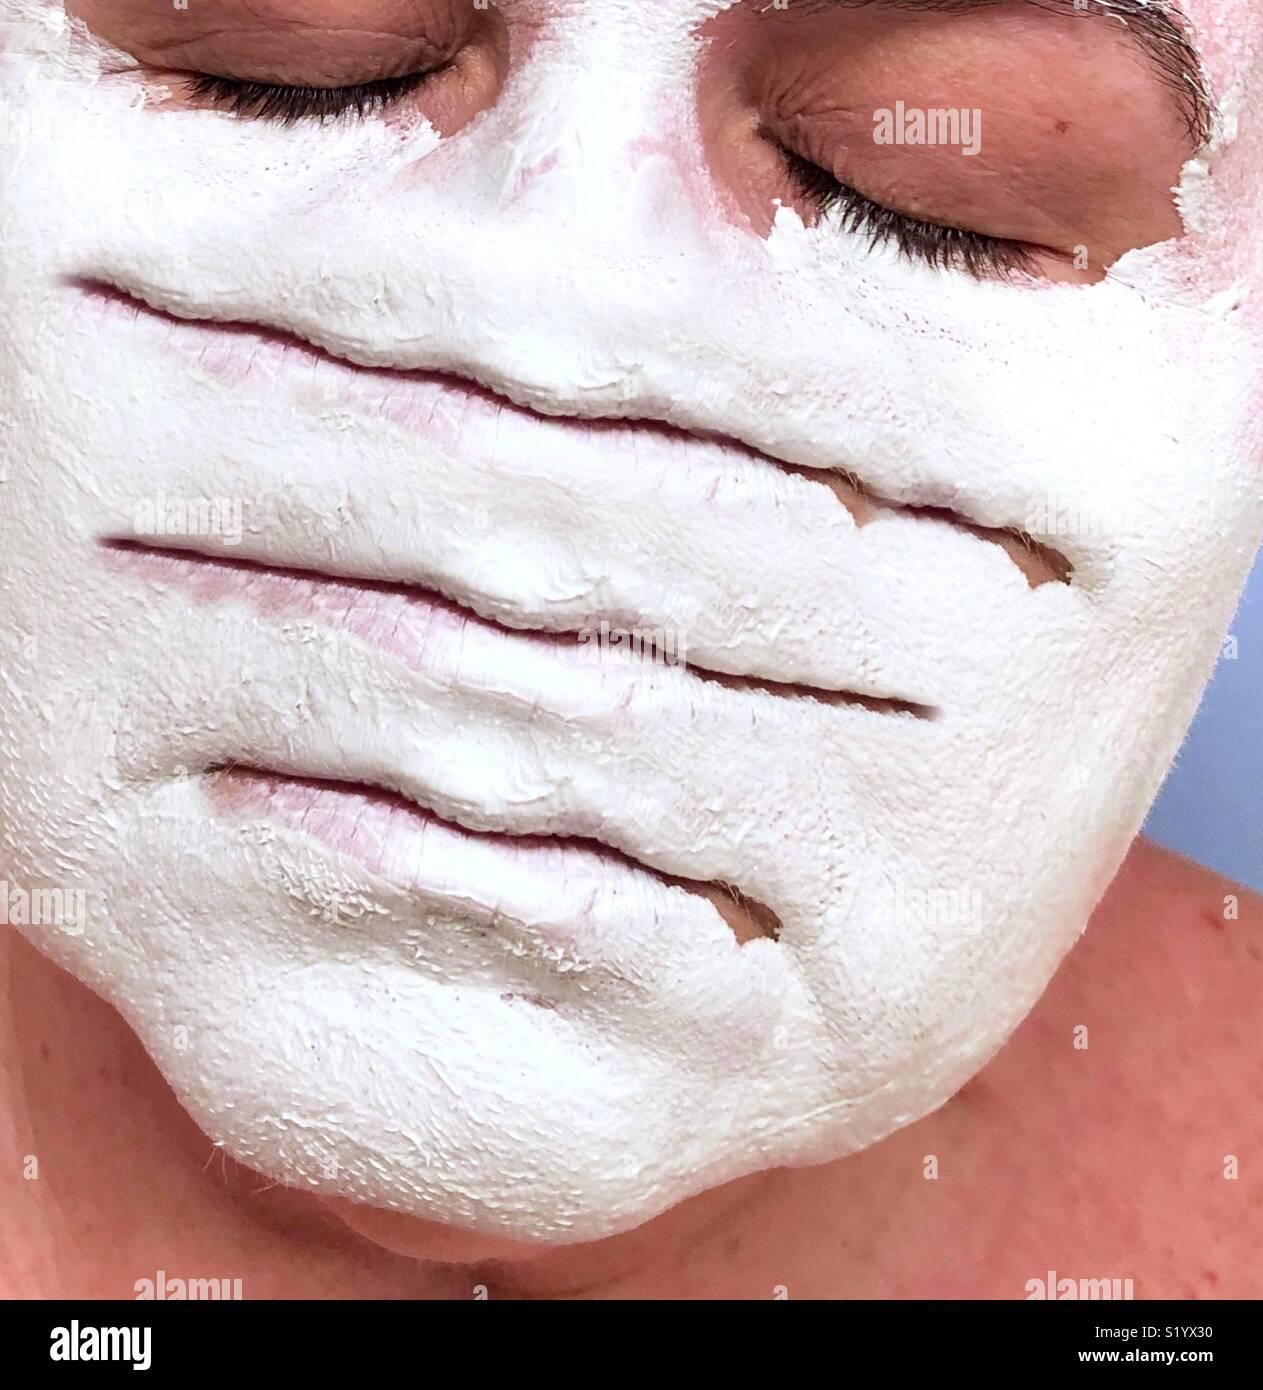 Résumé un artwork d'une femme aux yeux clos portait un masque de boue d'argile avec trois ensembles de lèvres Banque D'Images